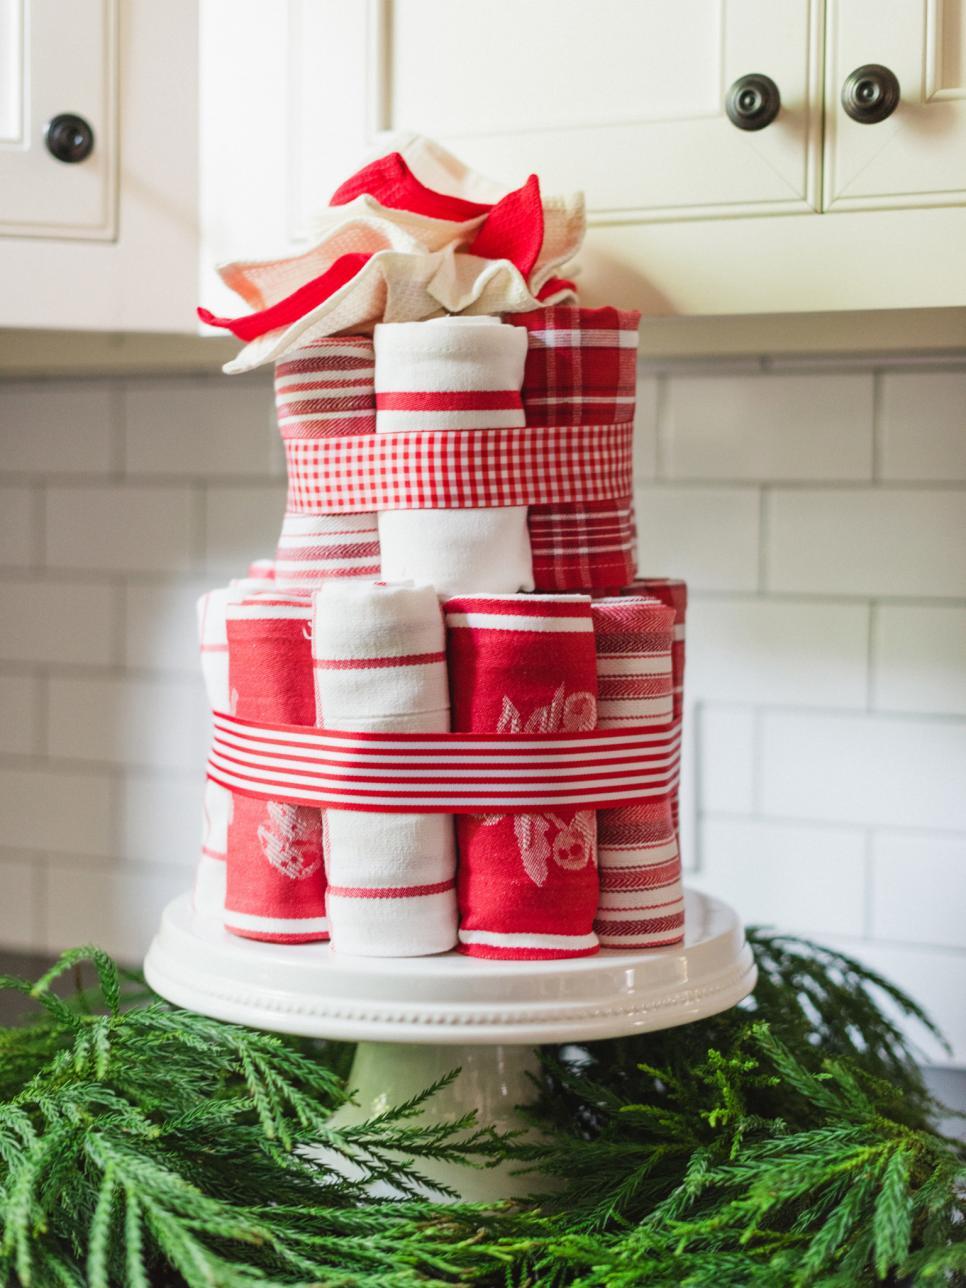 Bolo de pano de prato com detalhes em vermelho e branco.